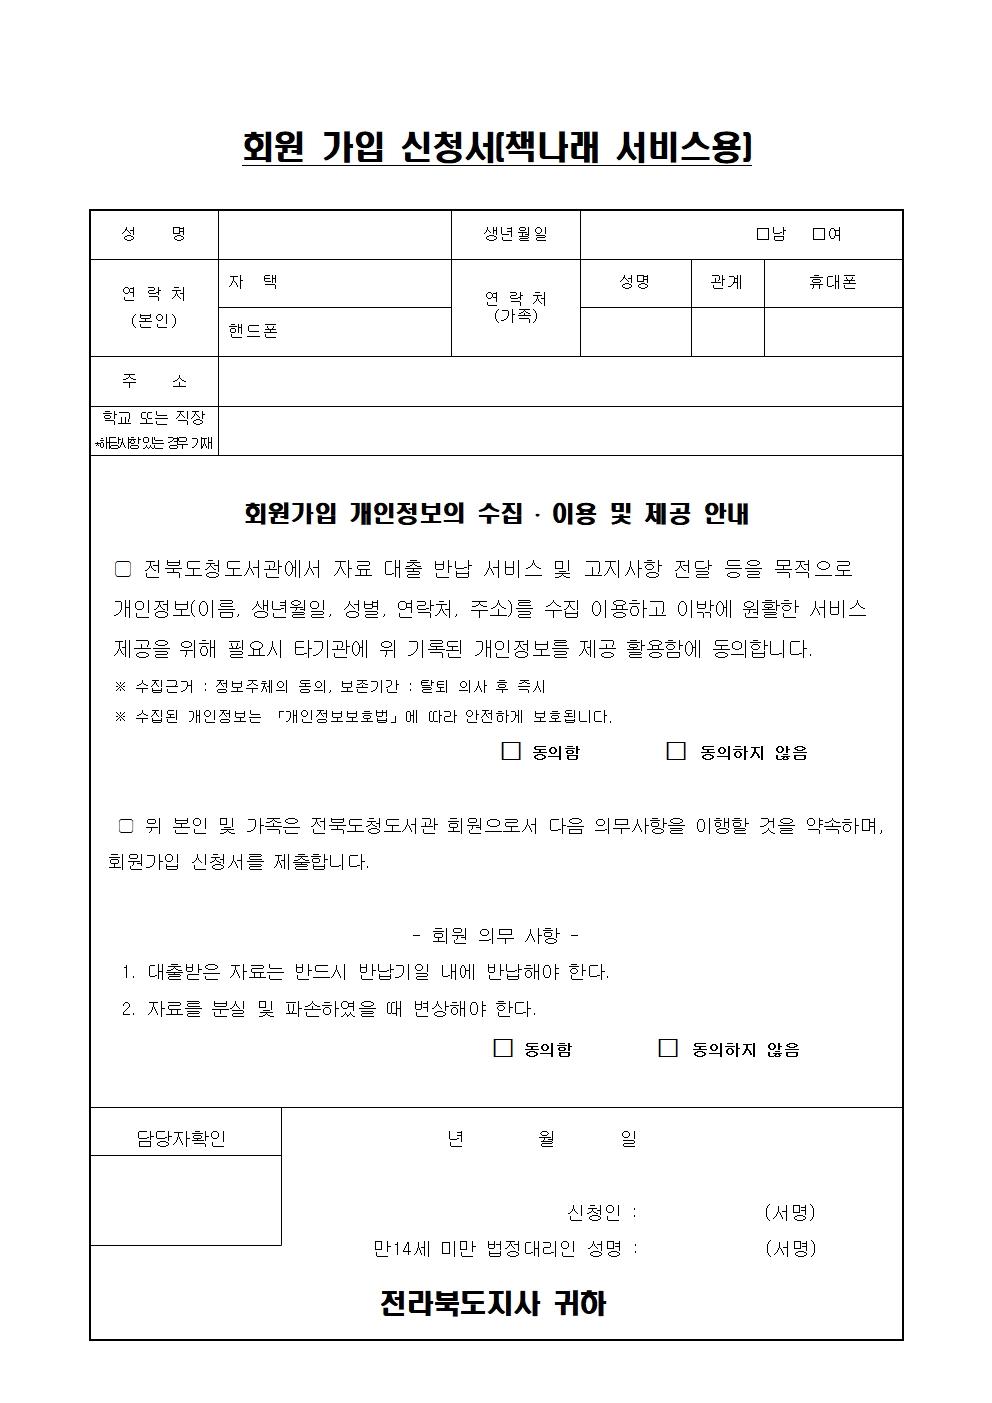 전북도청 도서관 홍보 리플릿(책나래)002.jpg